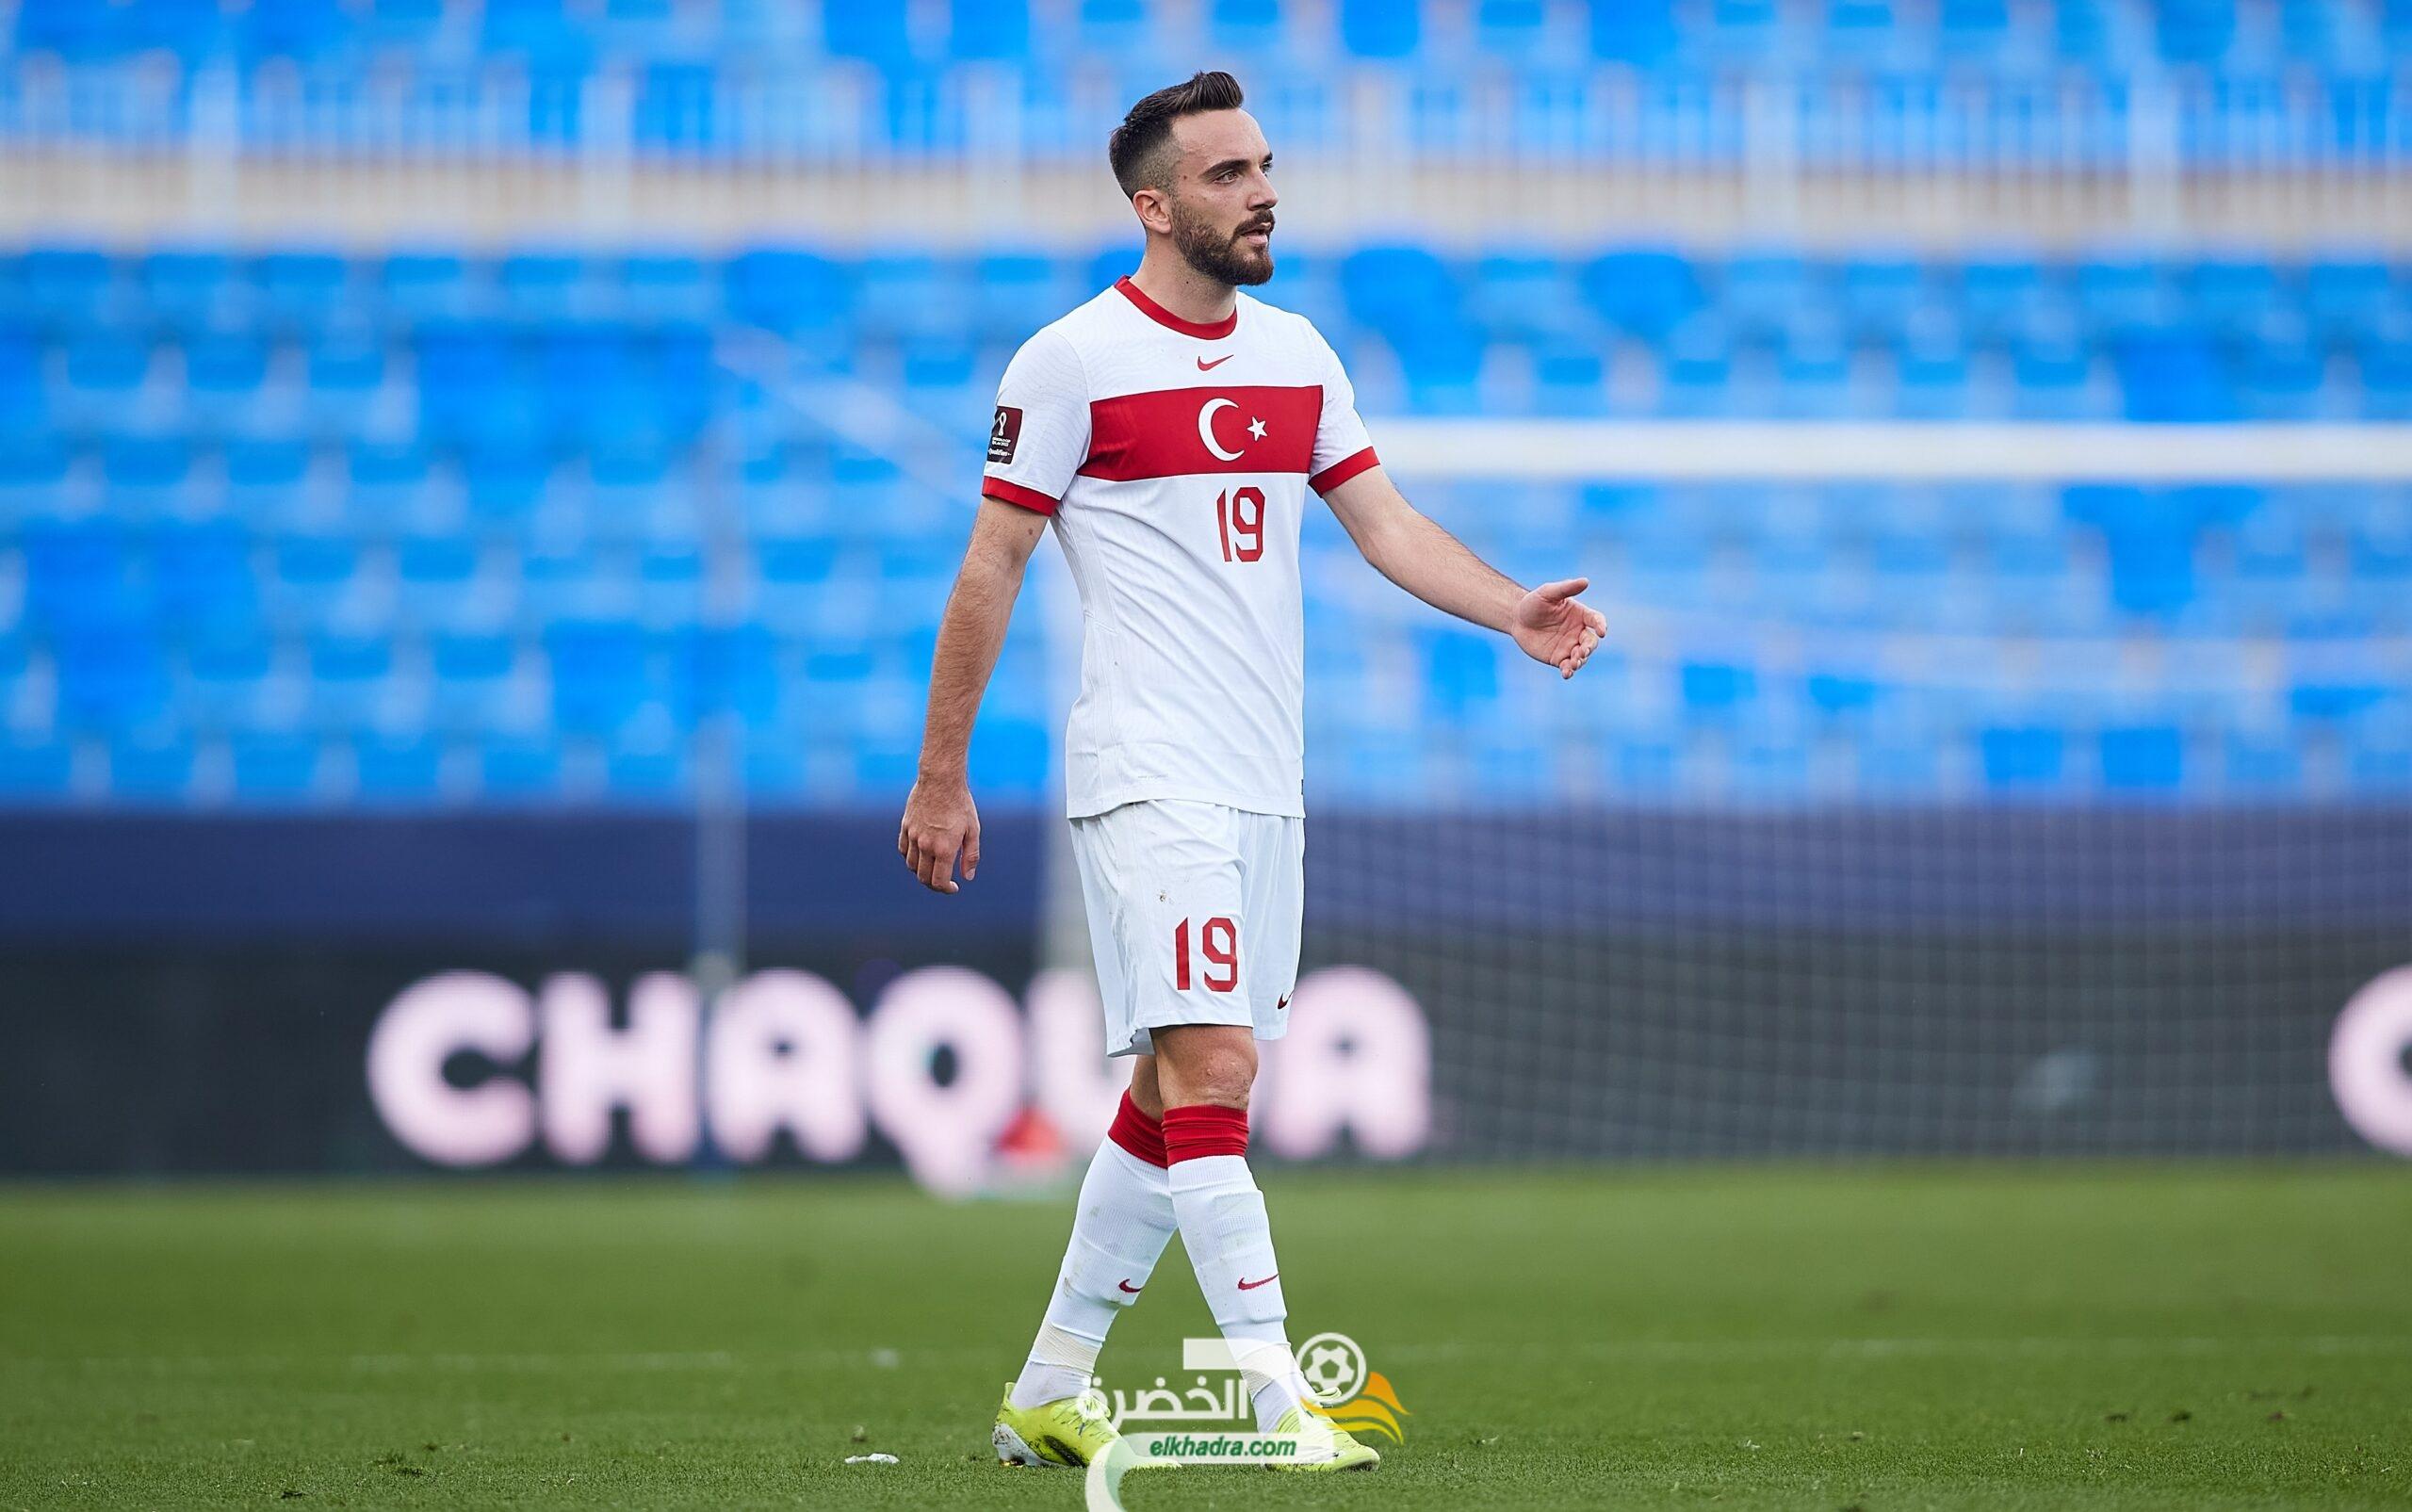 لاتفيا تفاجىء تركيا بتعادل إيجابي بالتصفيات المؤهلة لمونديال 2022 بقطر 23